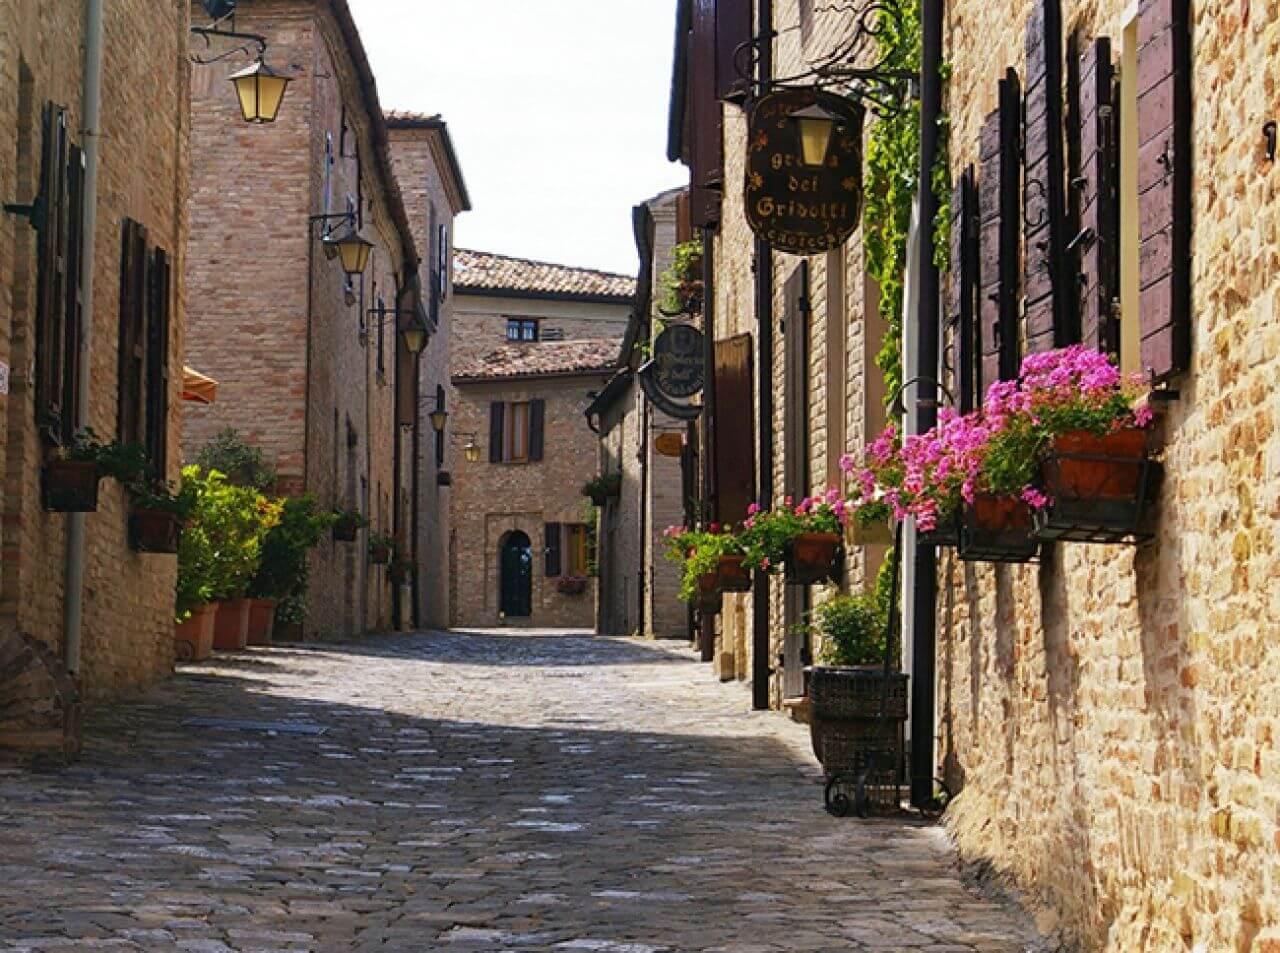 il borgo di montegridolfos5a588 4 6 BORGHI BELLI DEL NORD ITALIA